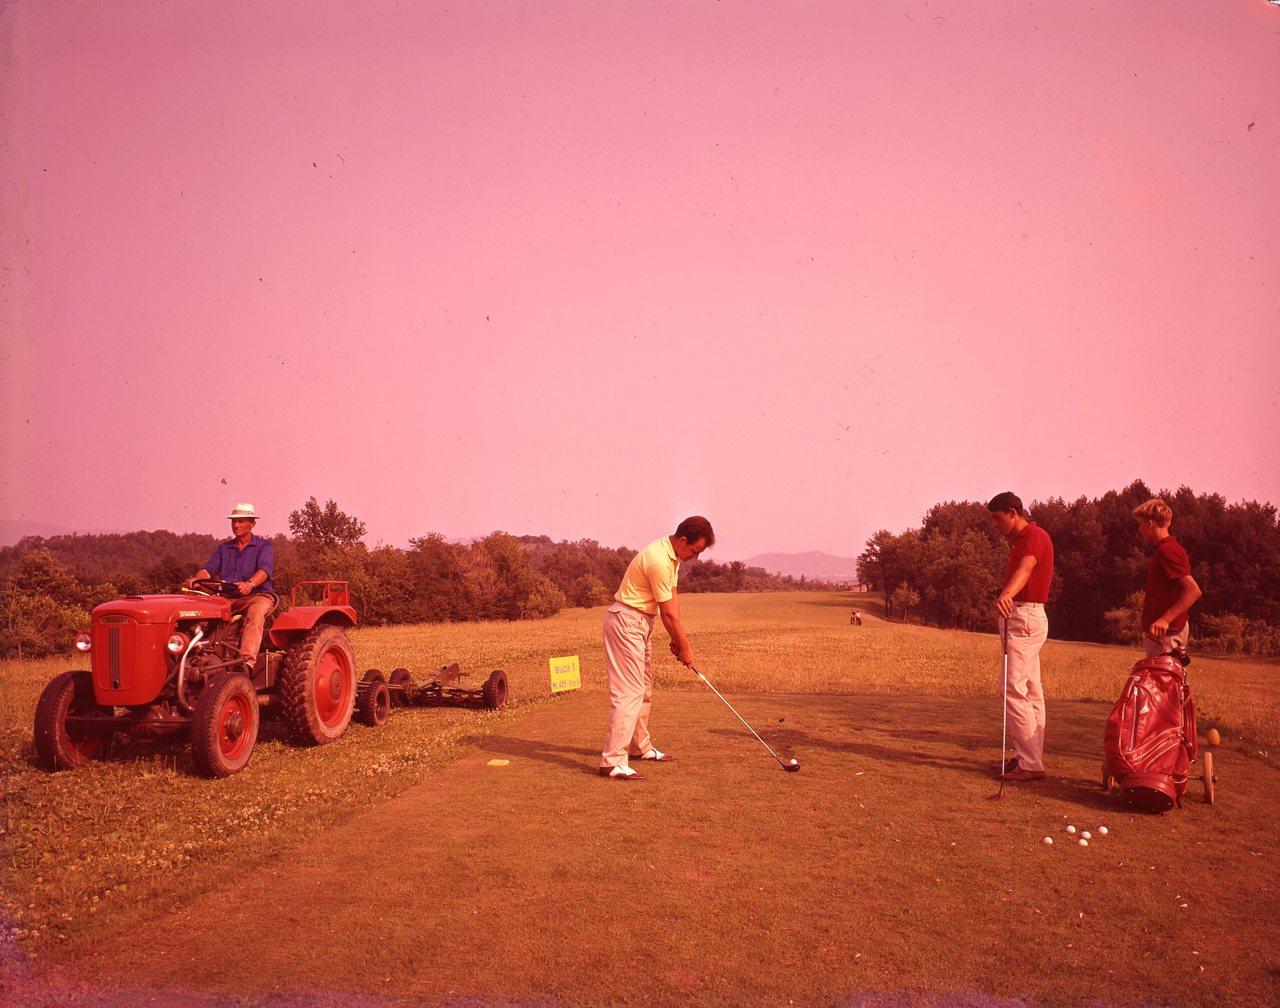 [SAME] Fotocolor Sametto V nei campi da golf, 22/10/64